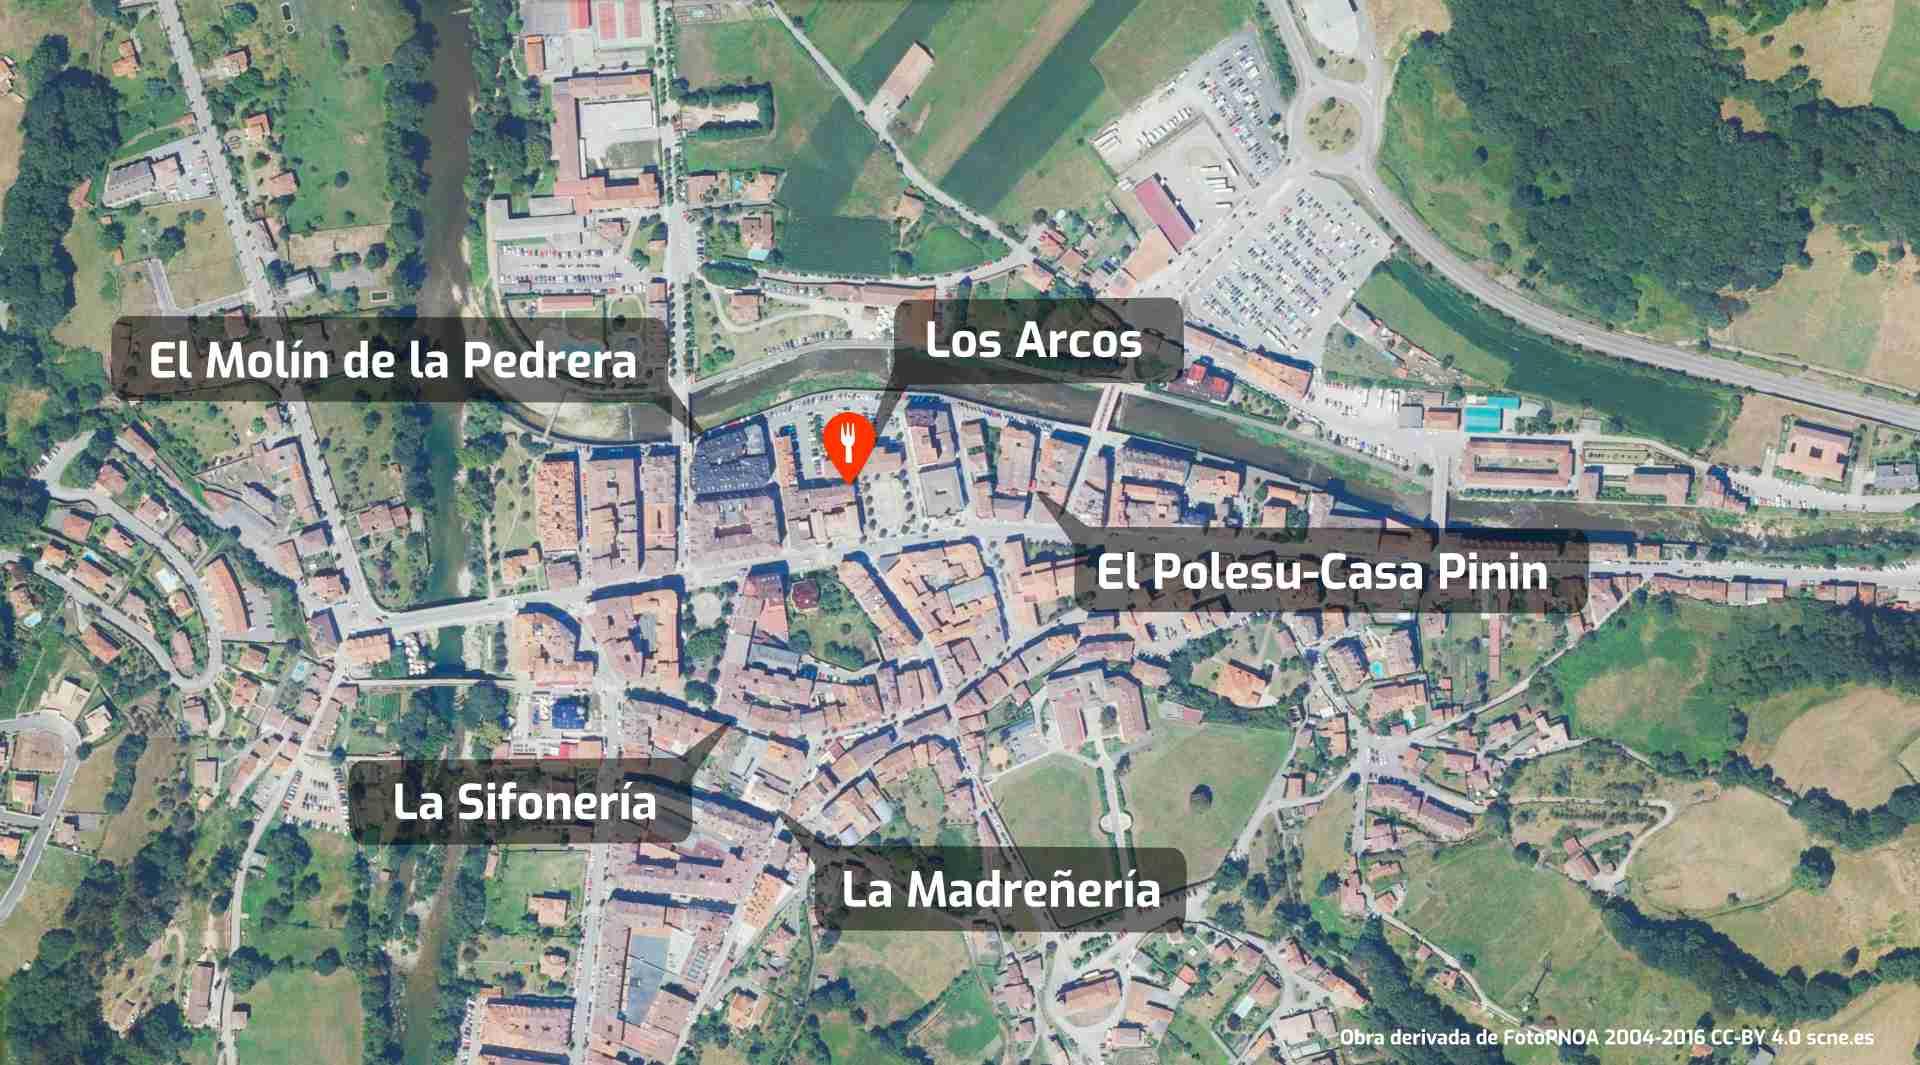 Mapa de cómo llegar al restaurante Los Arcos en Cangas de Onís, Asturias